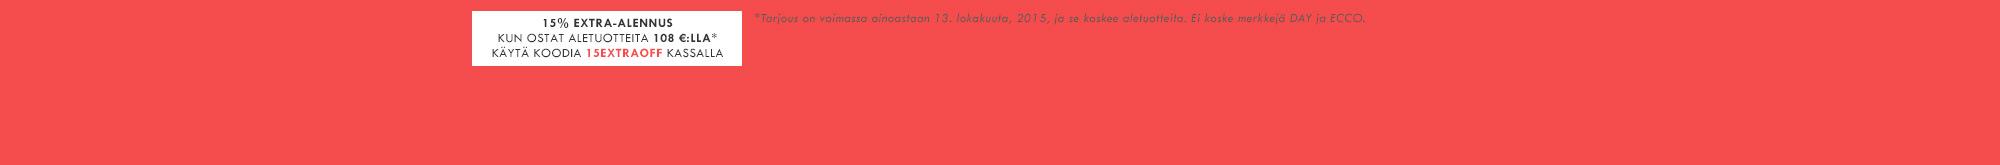 Listpage_15Extra_WM_fi